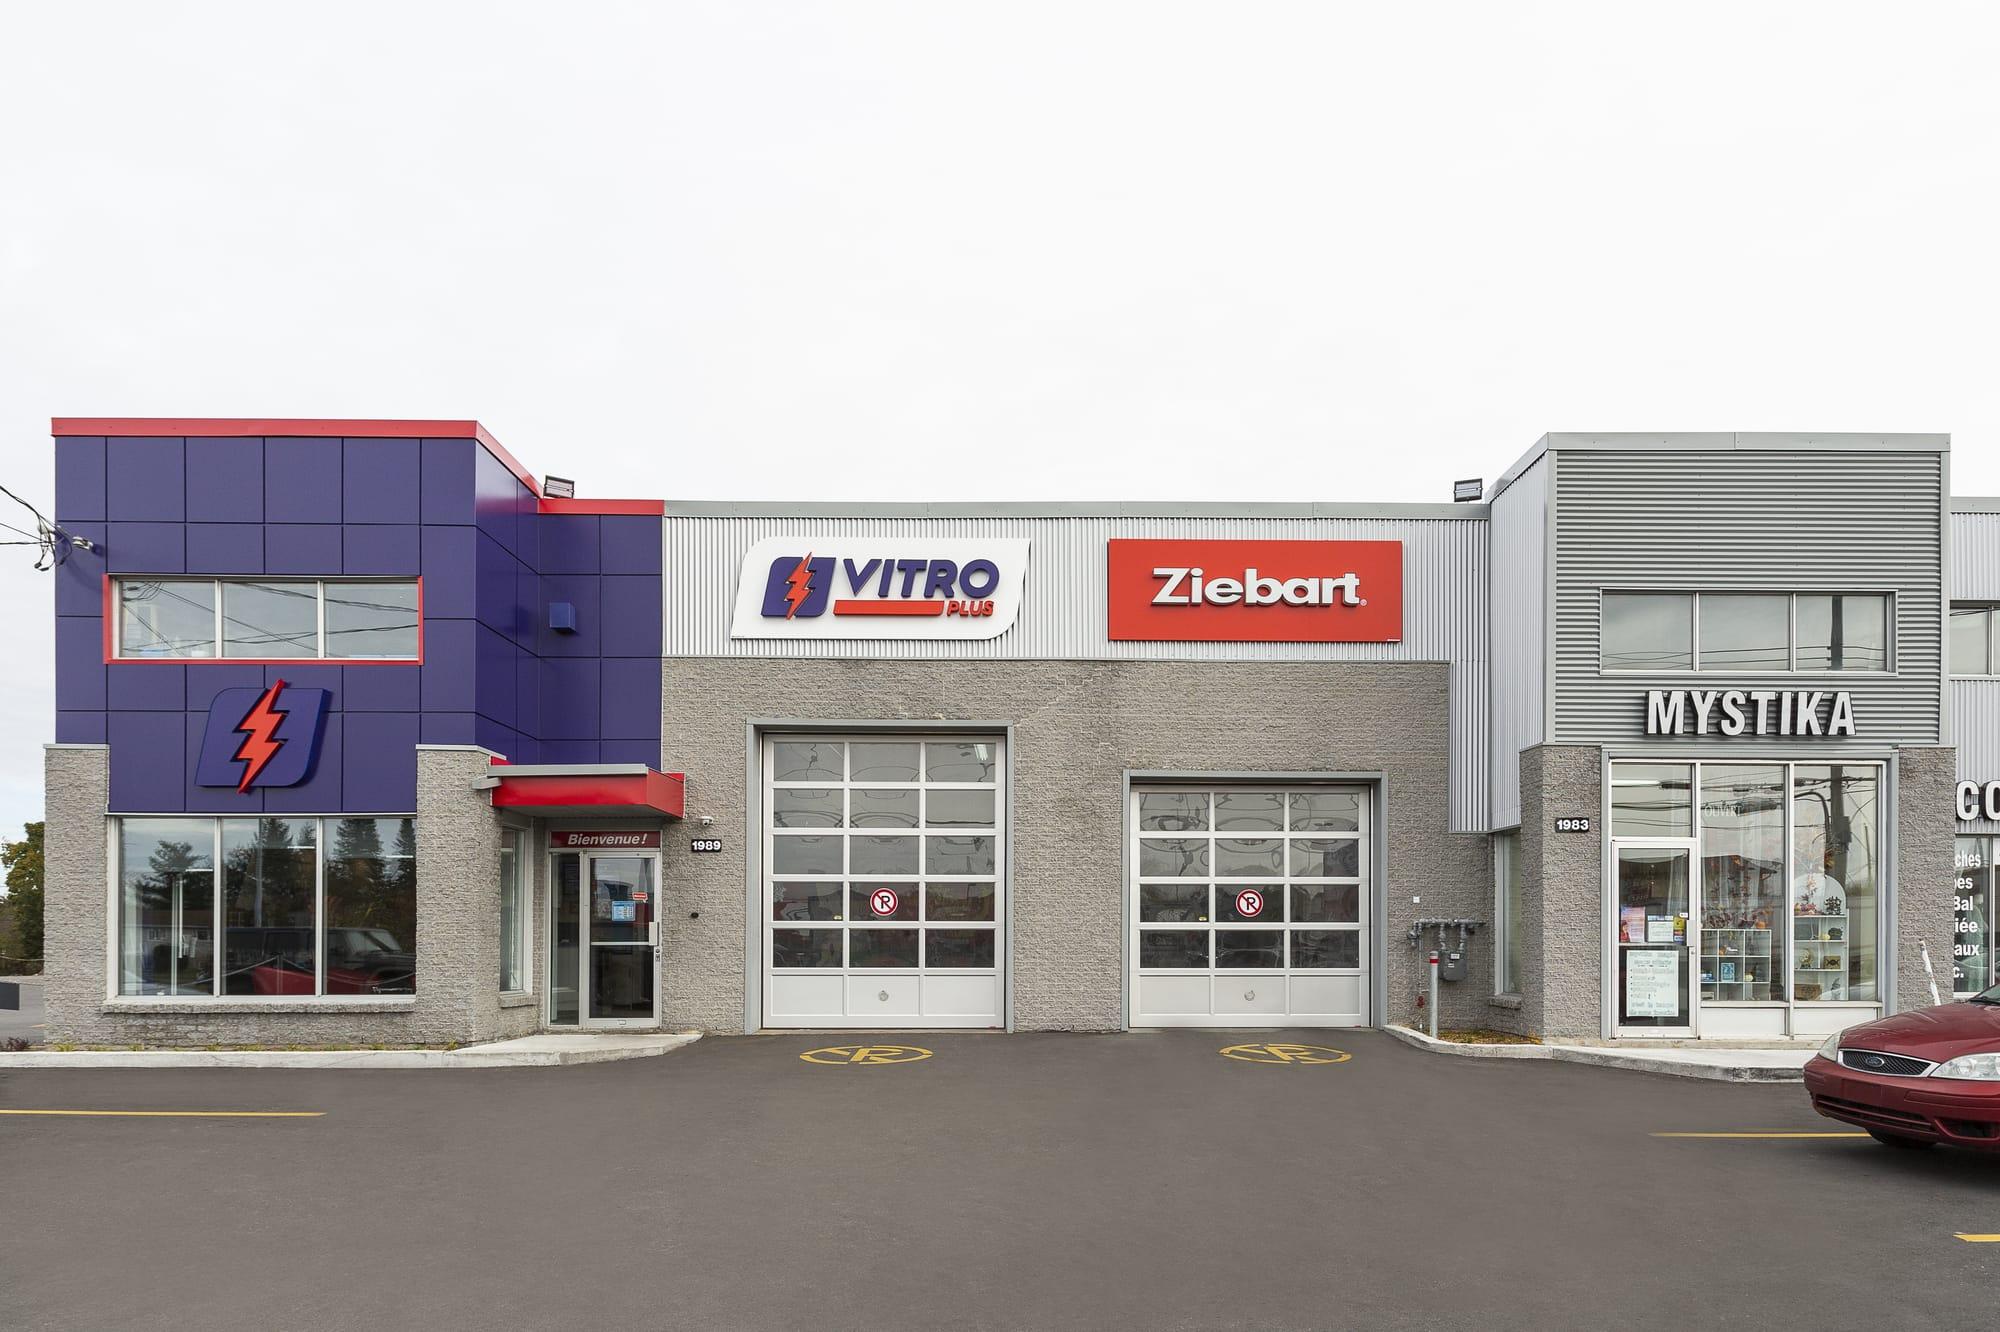 réfection extérieur bâtisse commerciale - Vitro-Plus/Ziebart